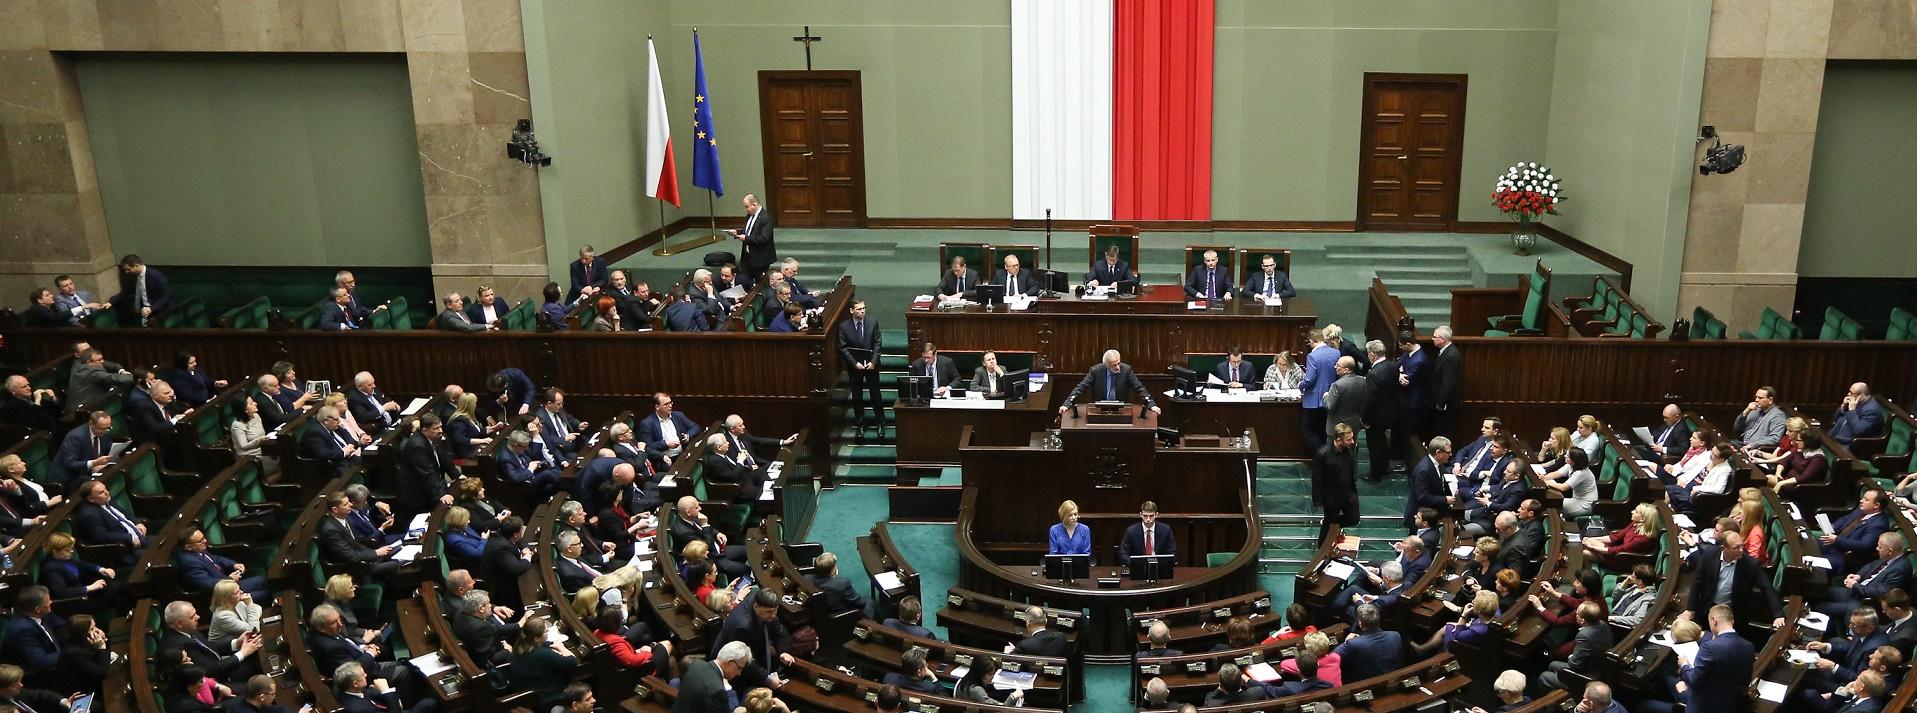 W Sejmie debata dotycząca aborcji